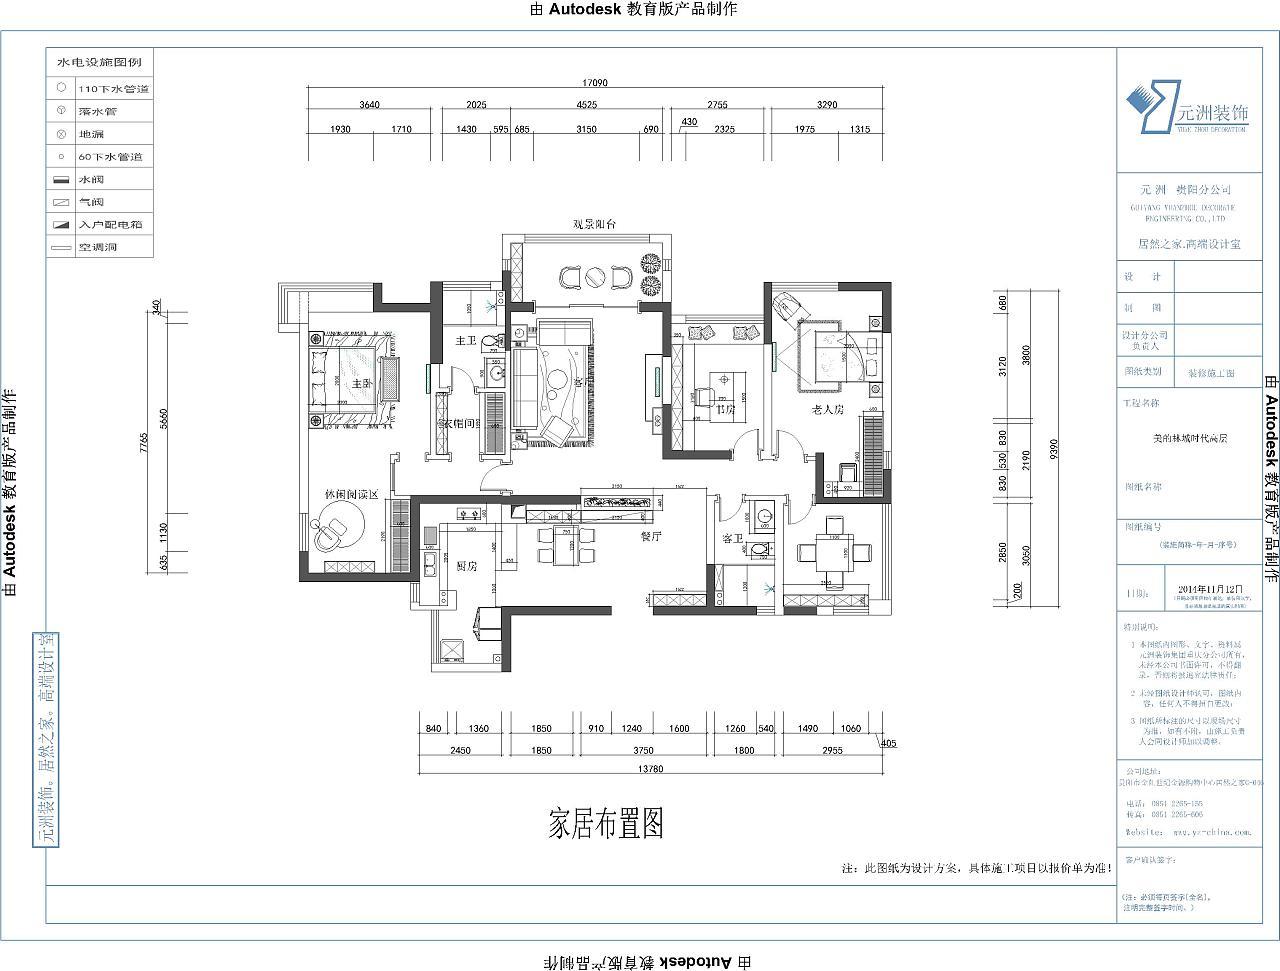 市美的林城时代183平米(简v时代格)装修设计案室内设计符号家具图片